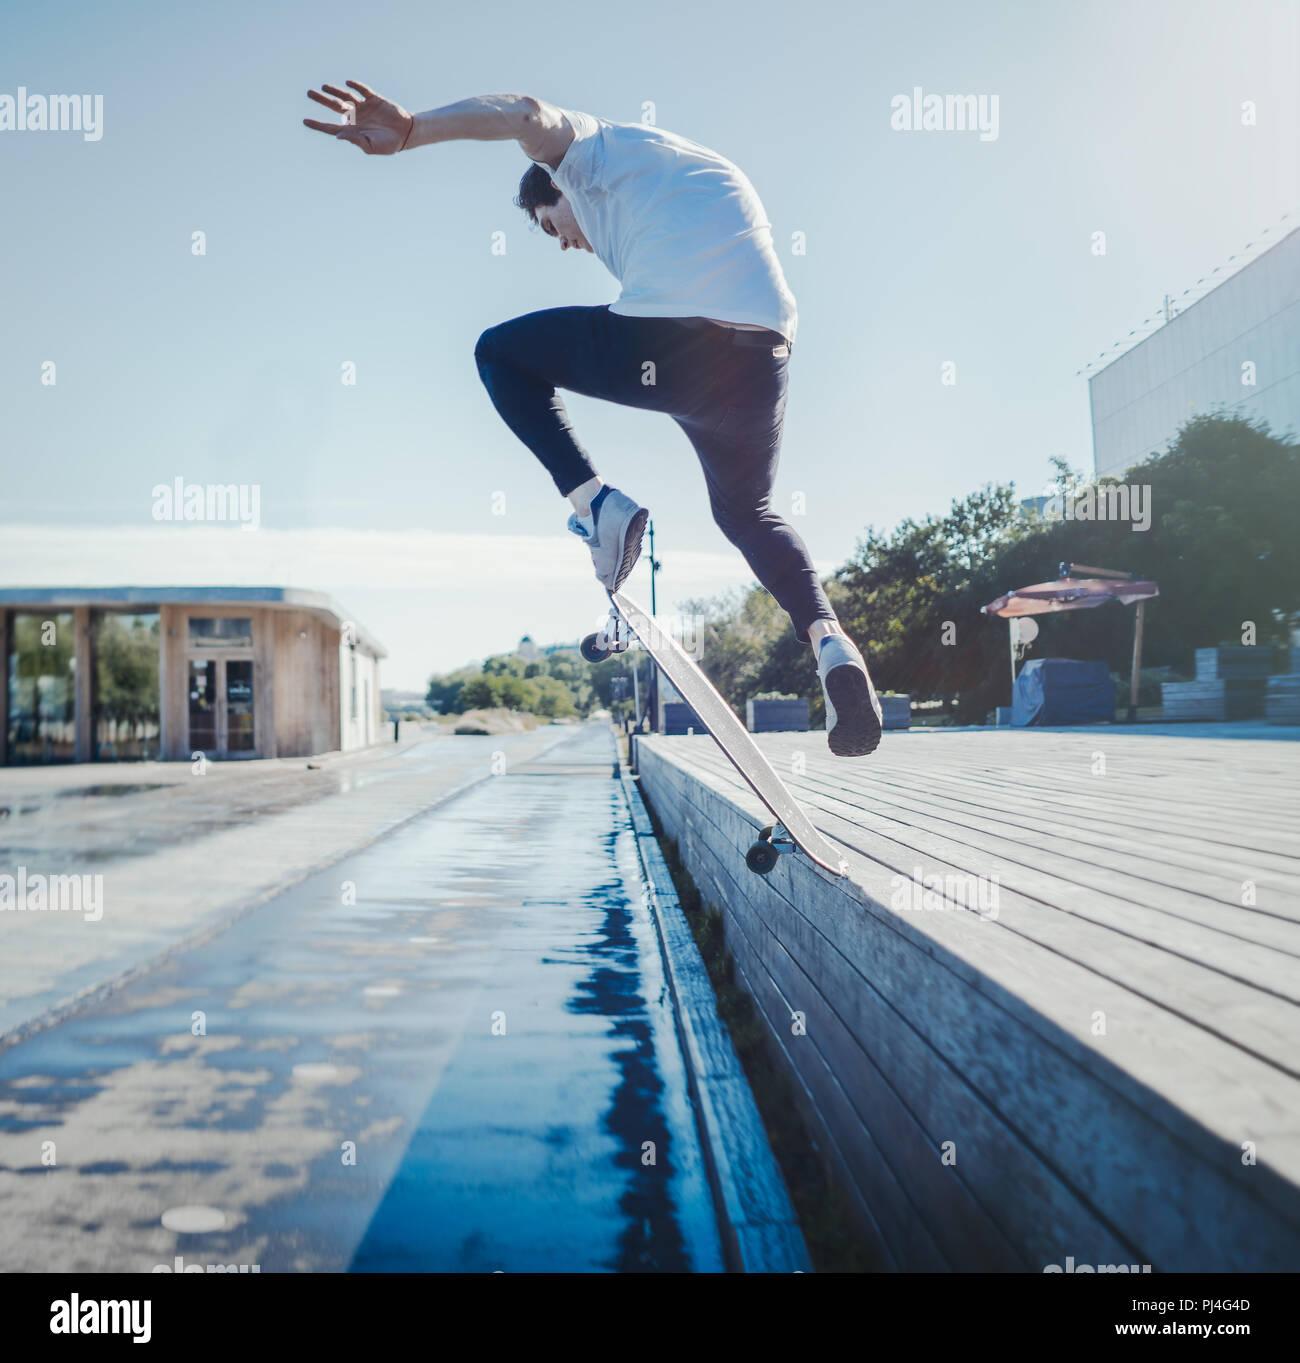 Jungen attraktiven Mann reiten und springen Longboard im Park. Stockbild